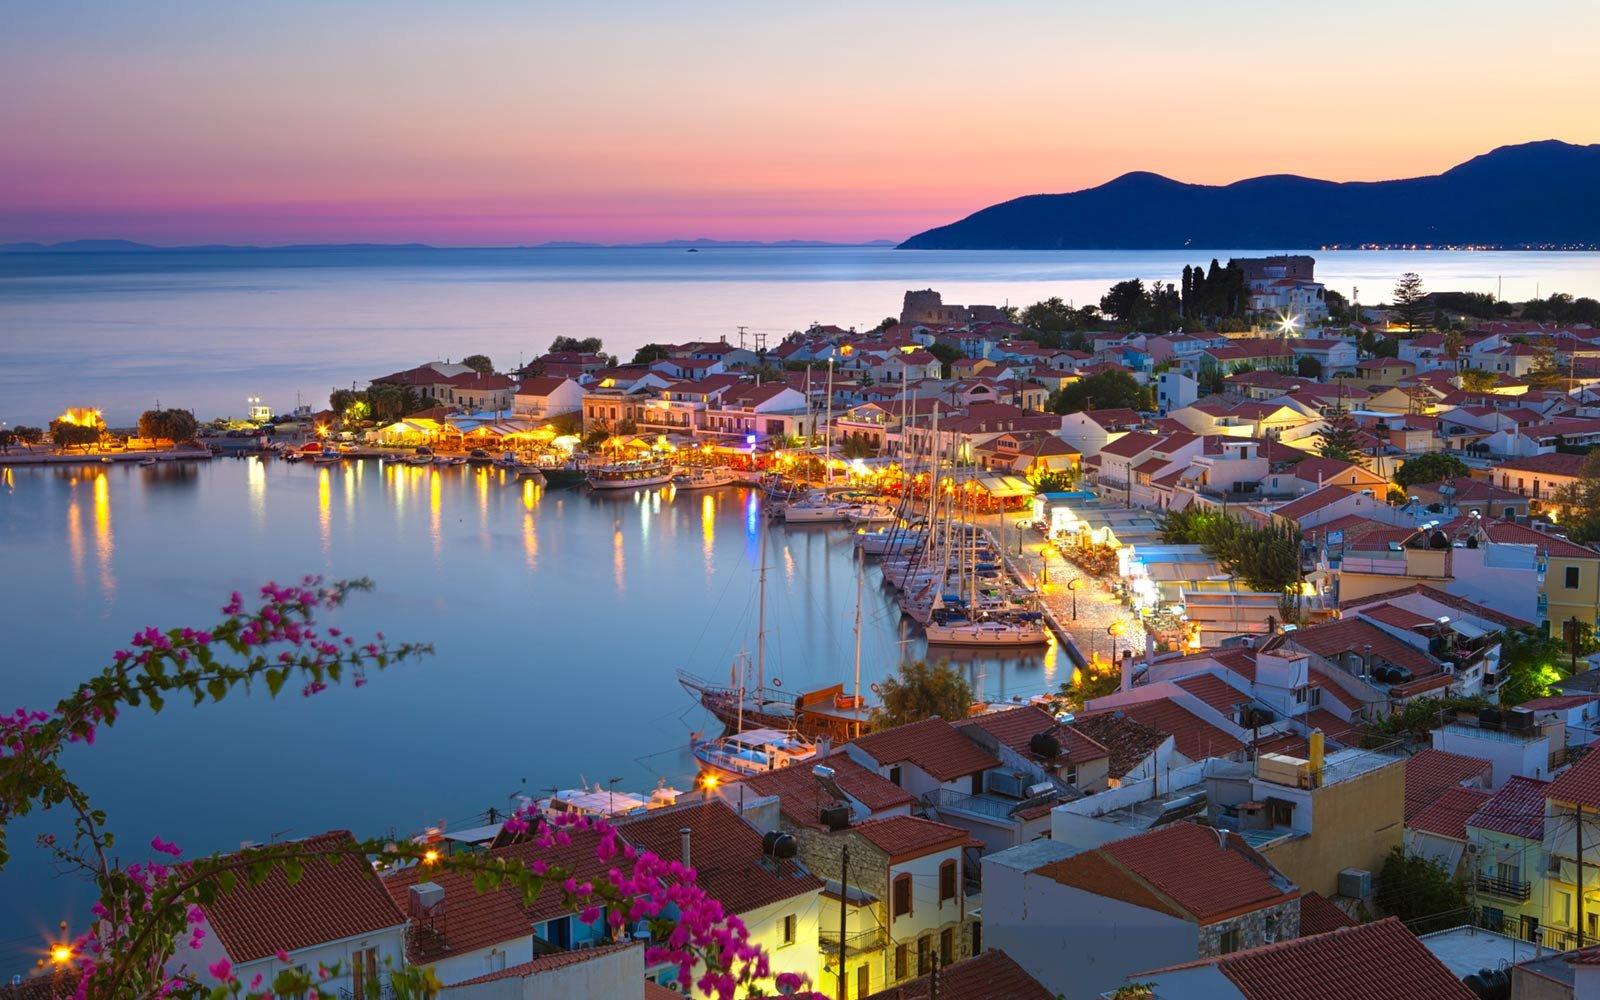 דירה להשקעה ביוון